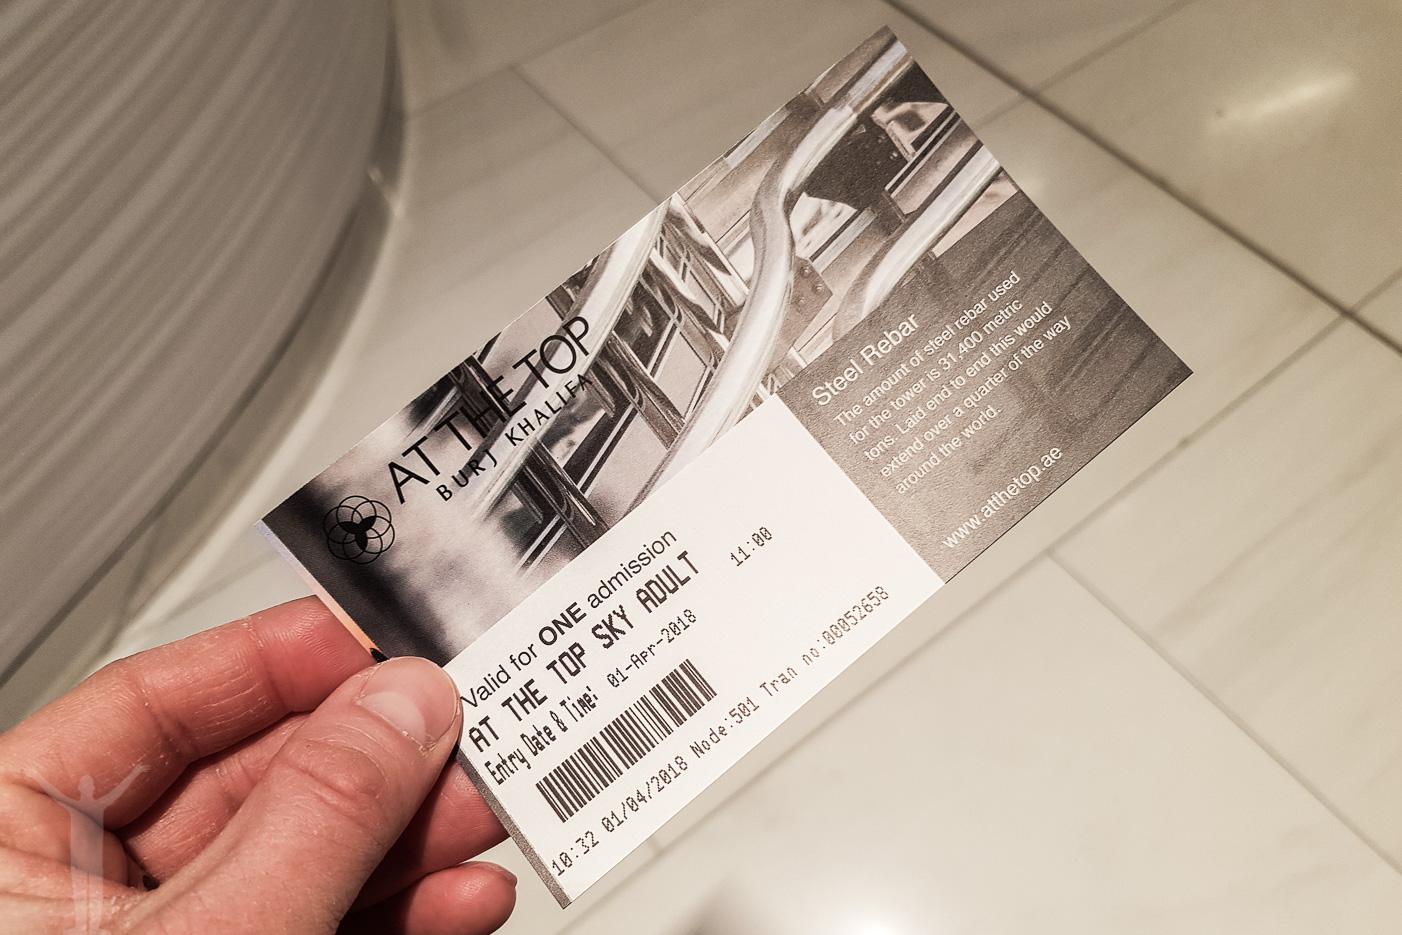 Biljett till Burj Khalifa